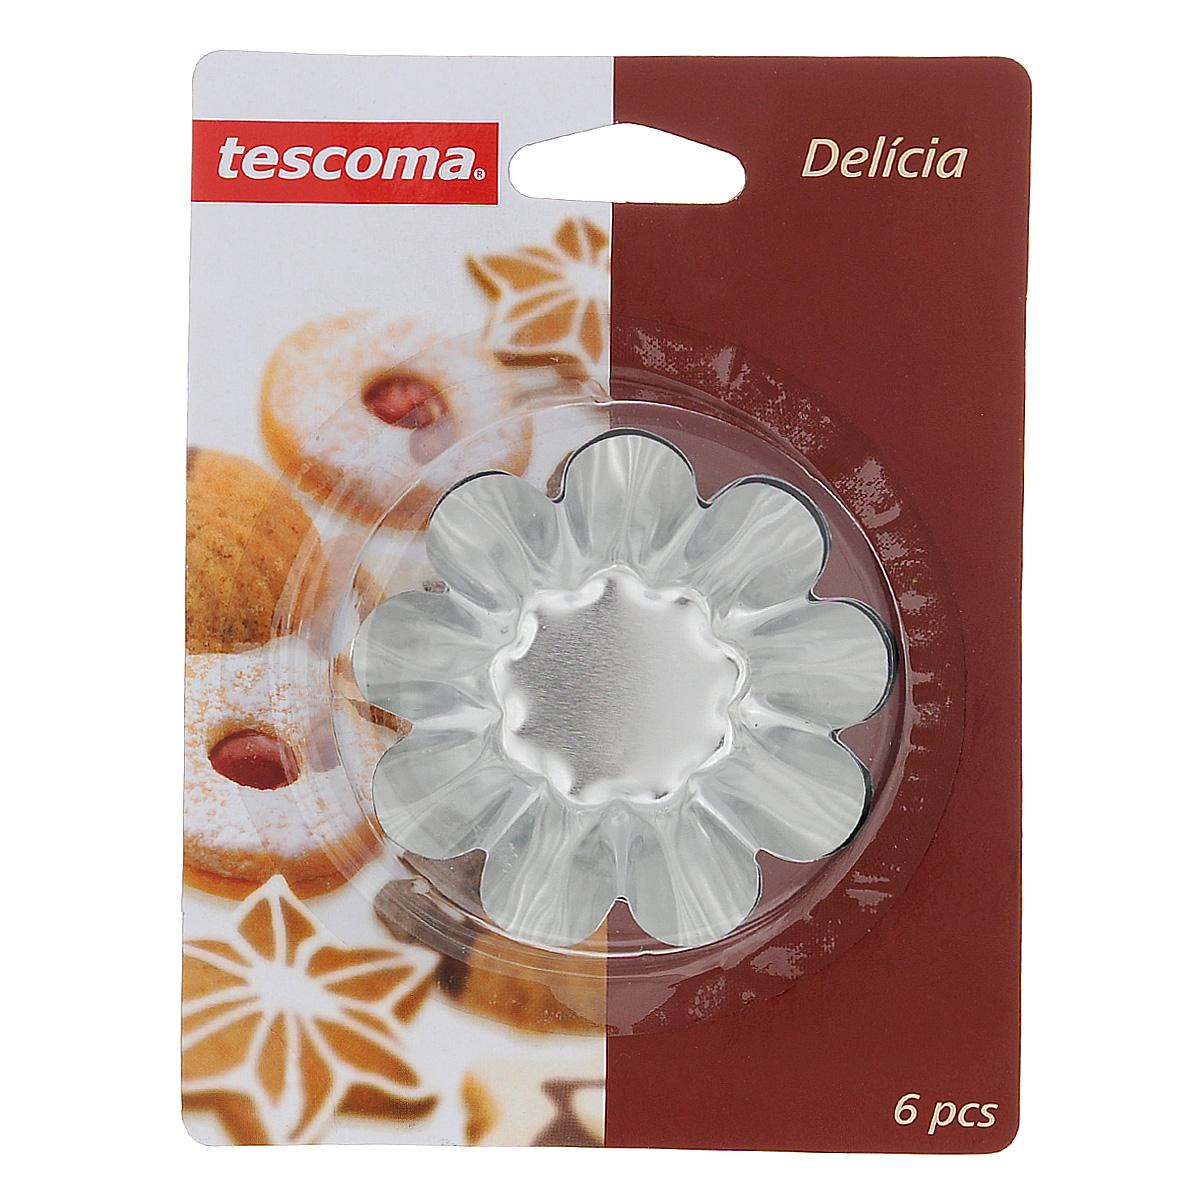 Набор форм для выпечки Tescoma Delicia, с антипригарным покрытием, диаметр 6 см, 6 шт631520Набор Tescoma Delicia состоит из 6 круглых форм с волнистыми рельефными краями для выпечки кексов. Изделия выполнены из нержавеющей стали с антипригарным покрытием, которое предотвращает прилипание пищи. Это позволит легко извлечь выпечку из формы, просто перевернув ее. Формы замечательно подходят для приготовления кексов, сладкого, соленого печенья и других десертов. После использования вымойте и вытрите формы.Нельзя использовать в посудомоечной машине.